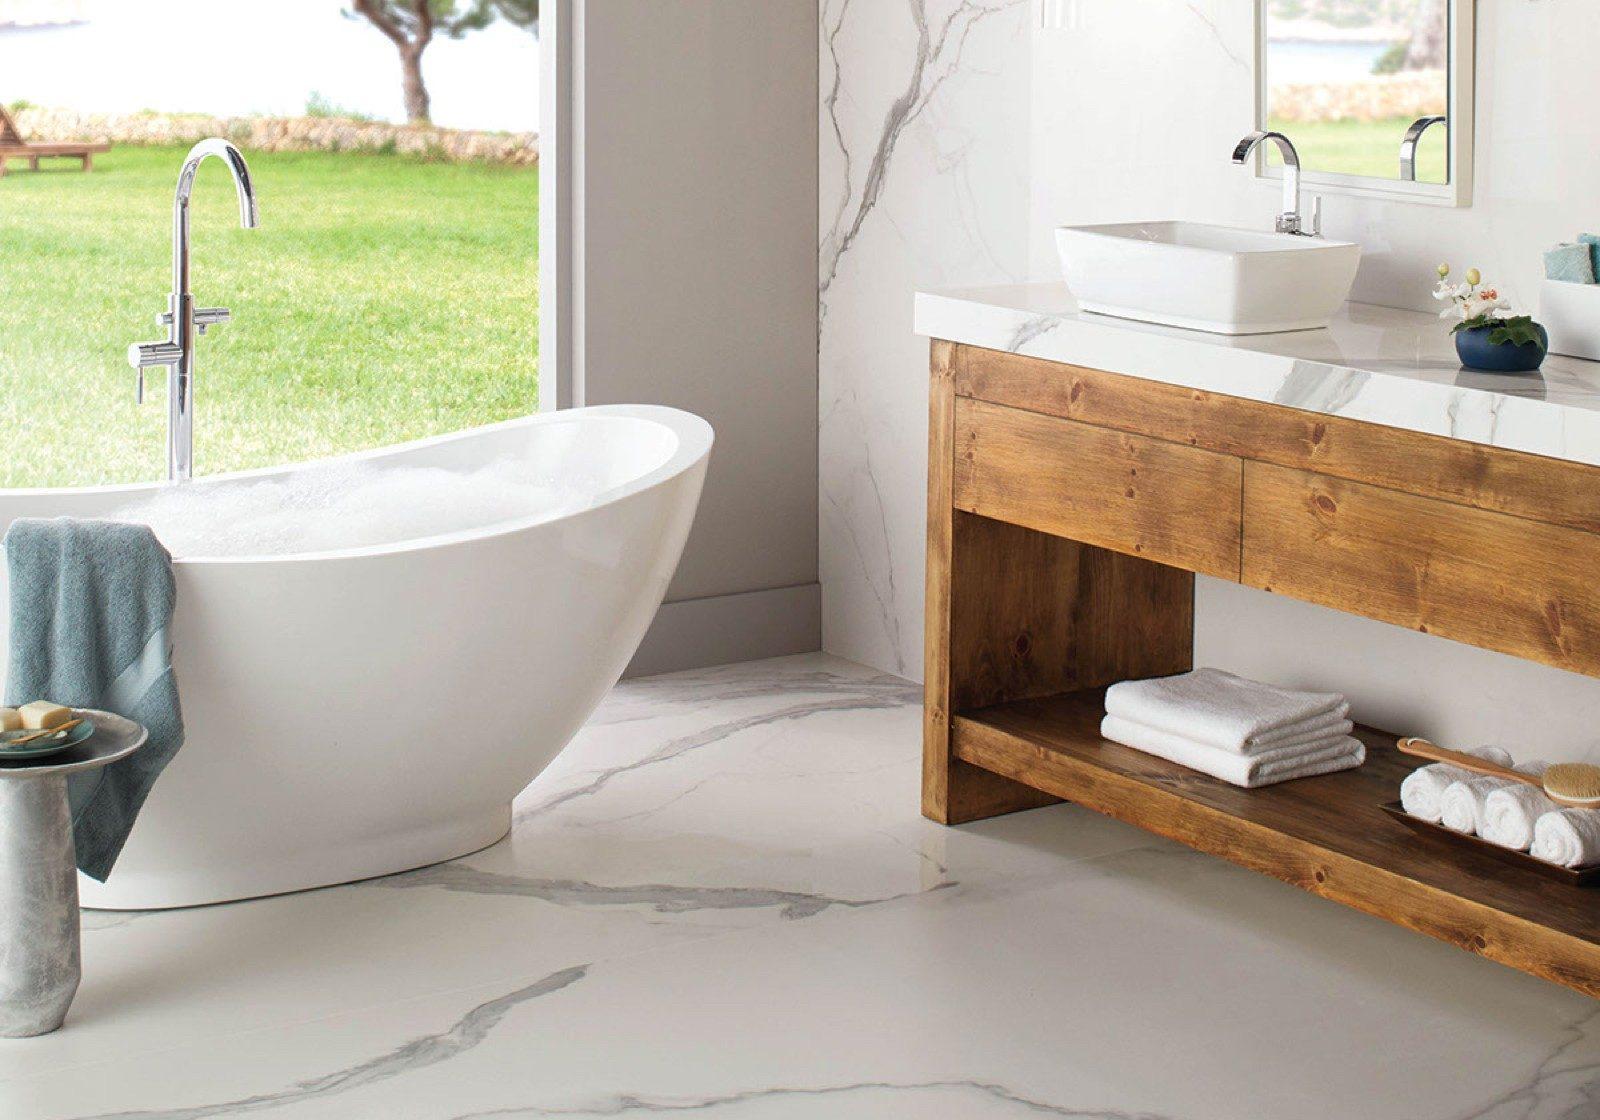 daltile tile in bathroom | Flooring by Wilson's Carpet Plus